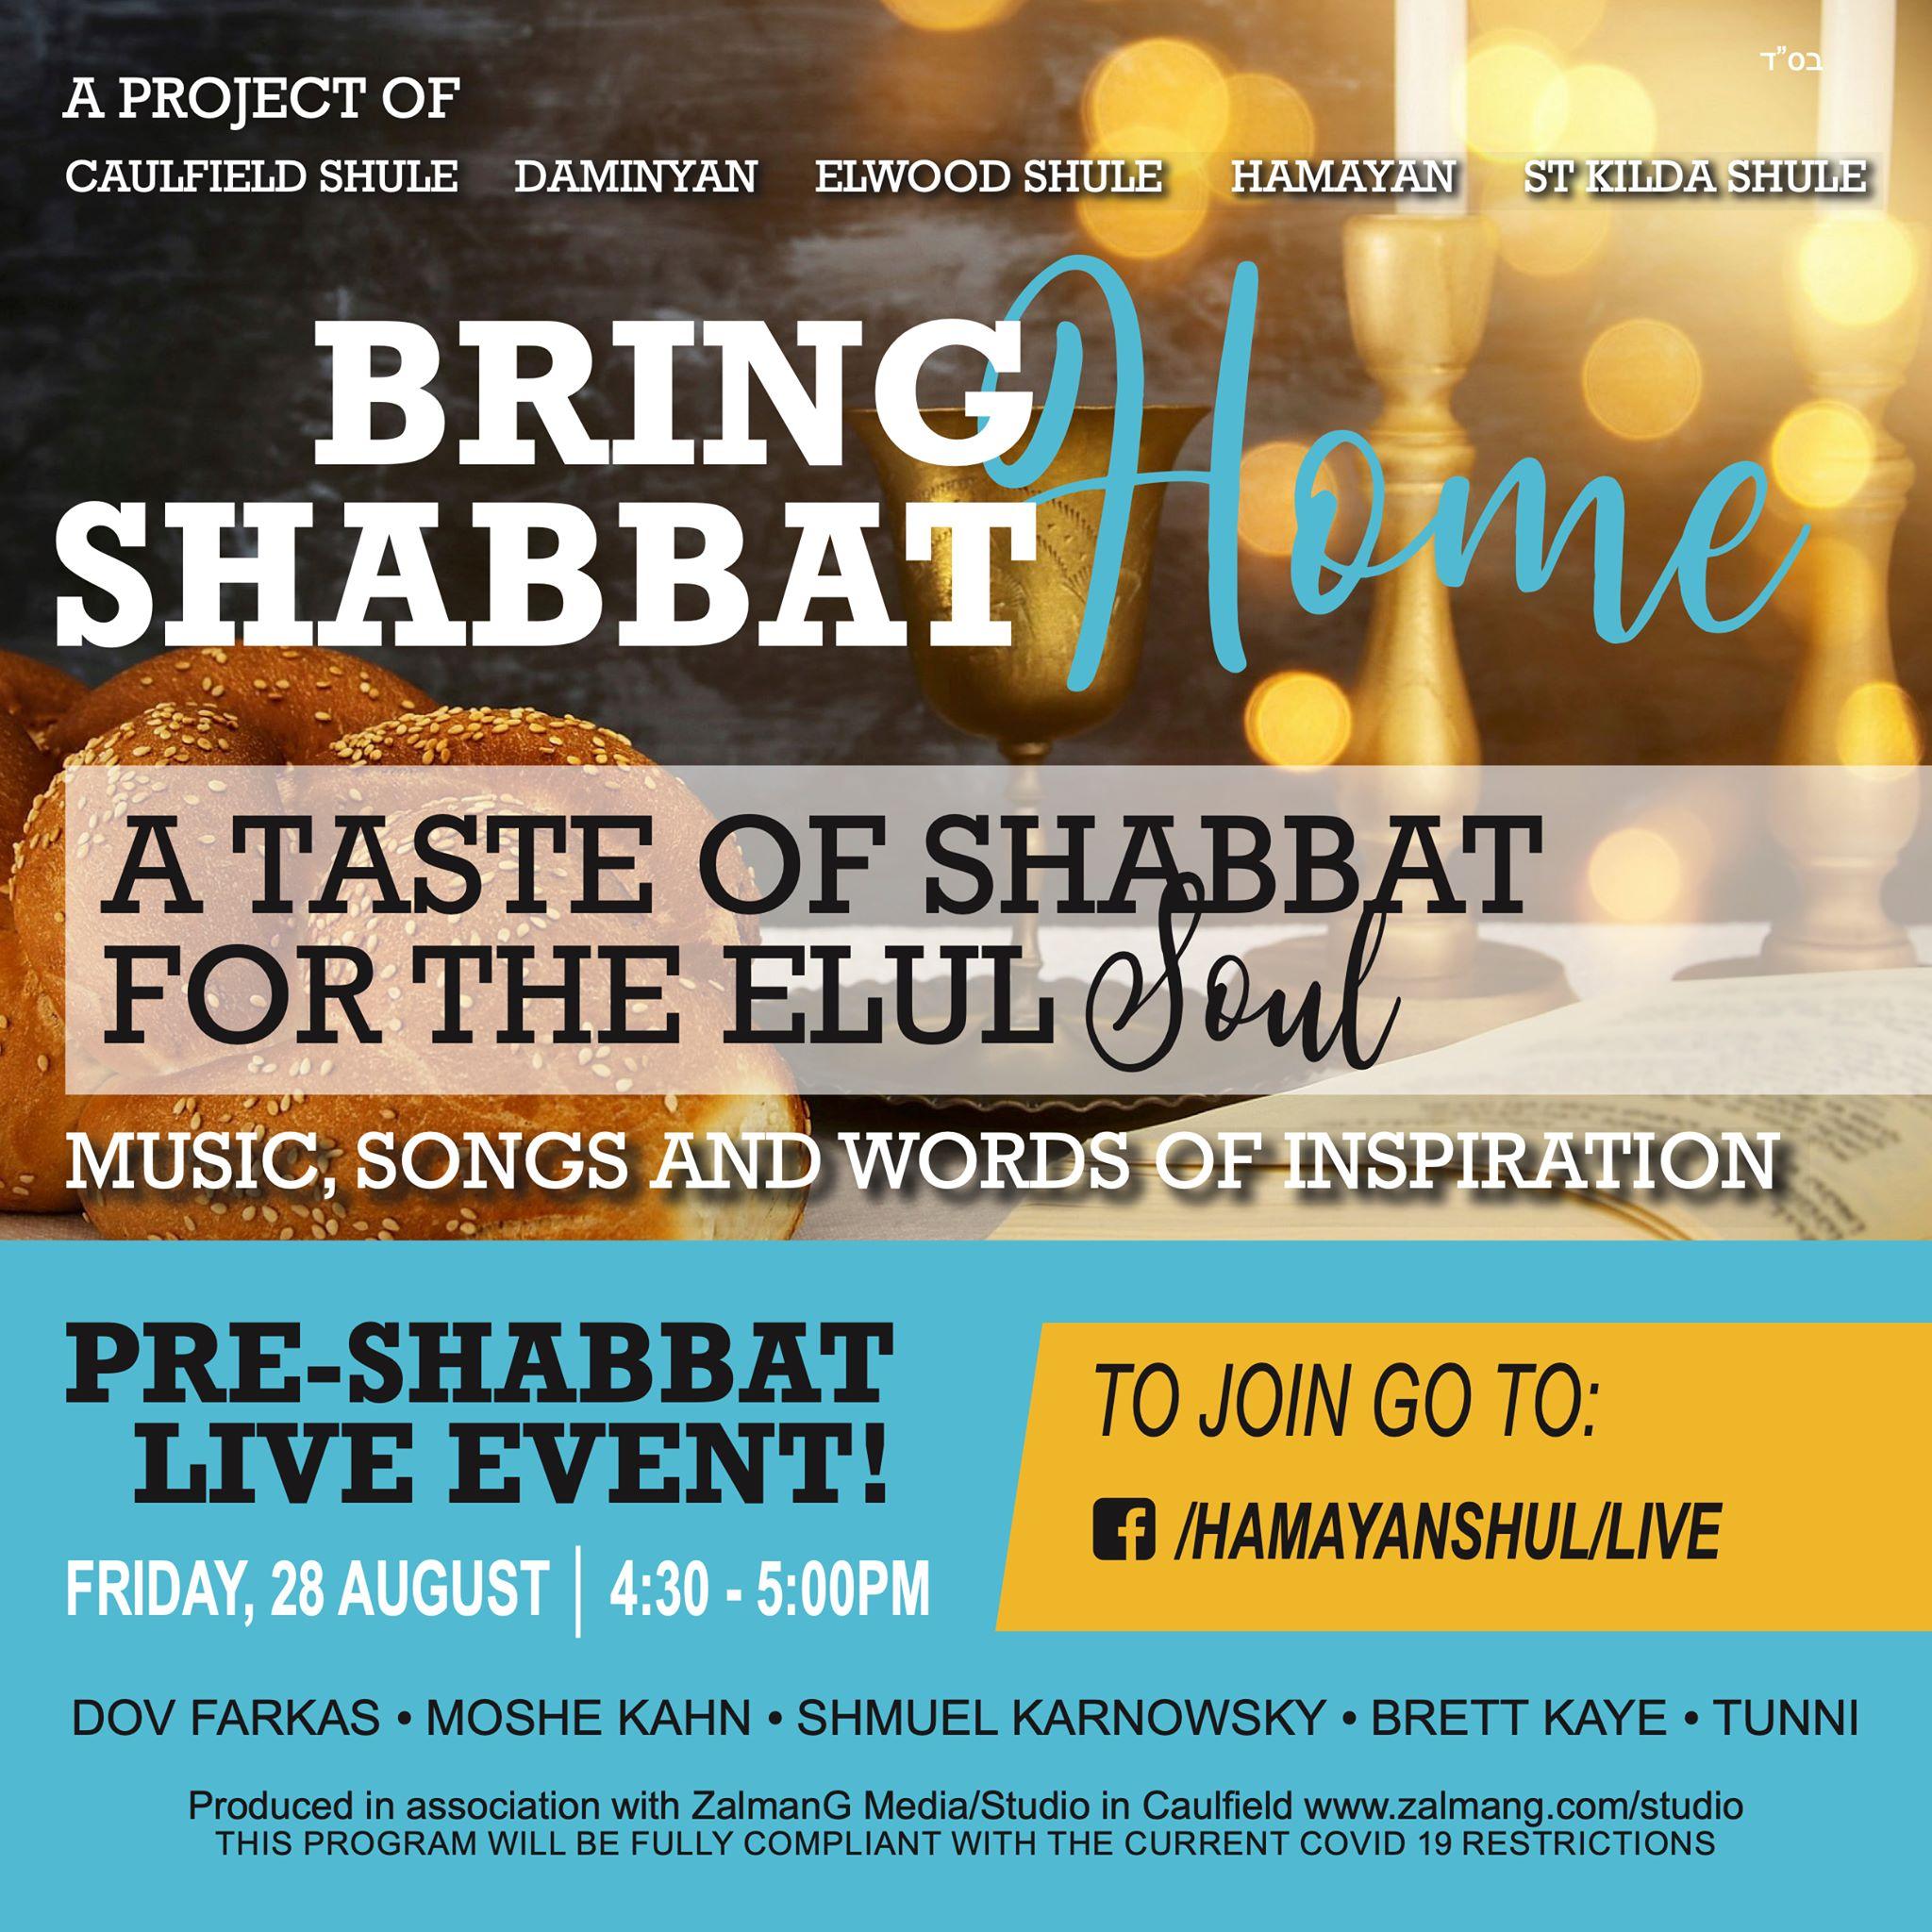 A Taste of Shabbat for the Elul Soul